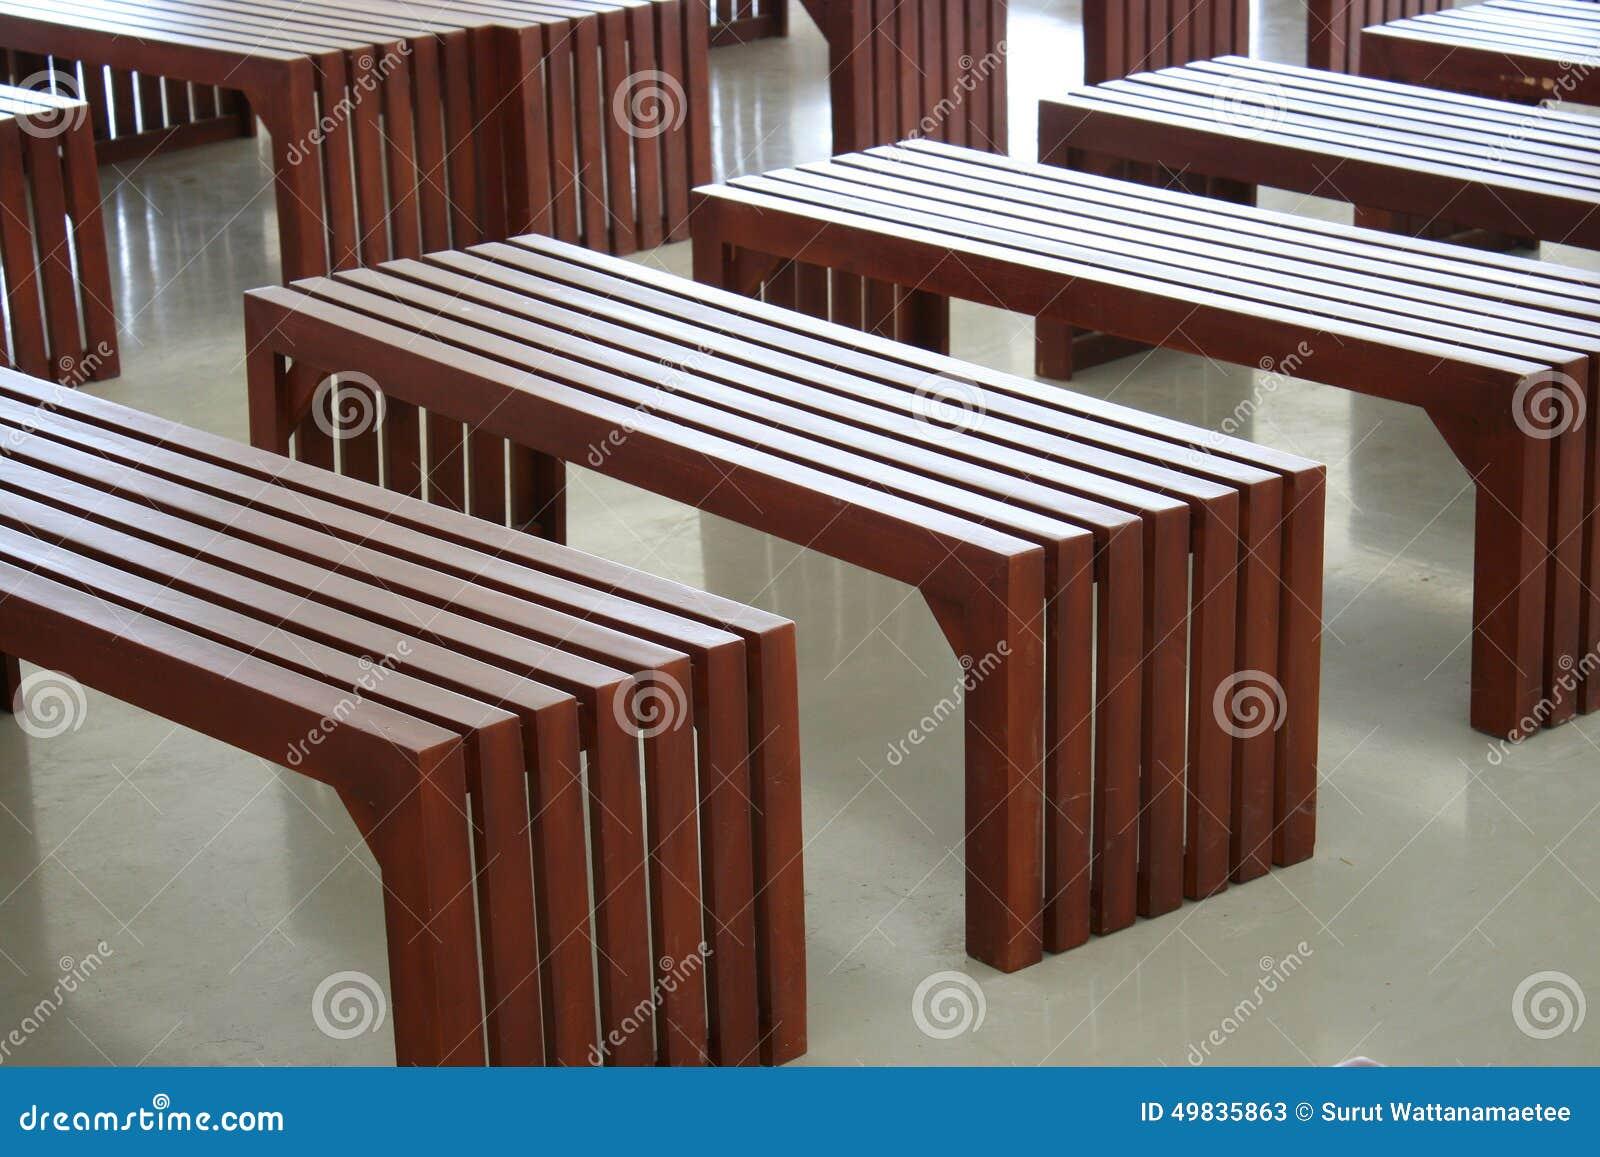 Bancos de madera simples vac os foto de archivo imagen - Bancos de madera para interior ...